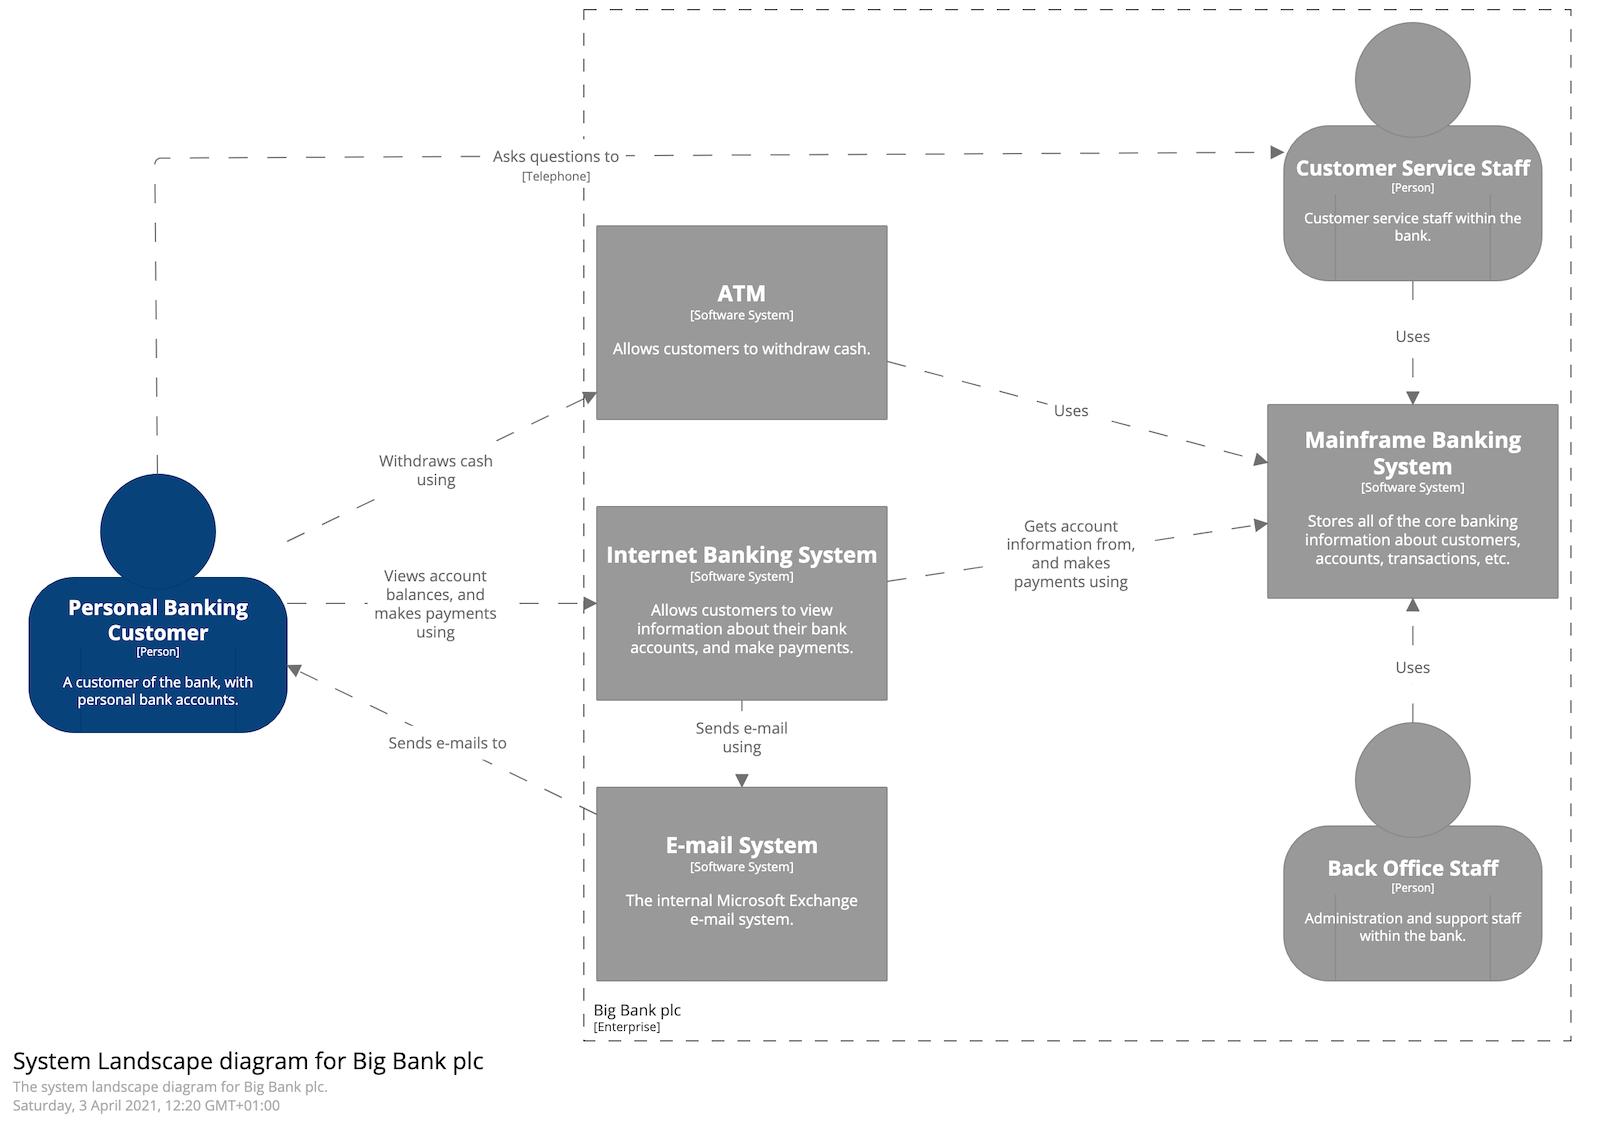 System Landscape diagram